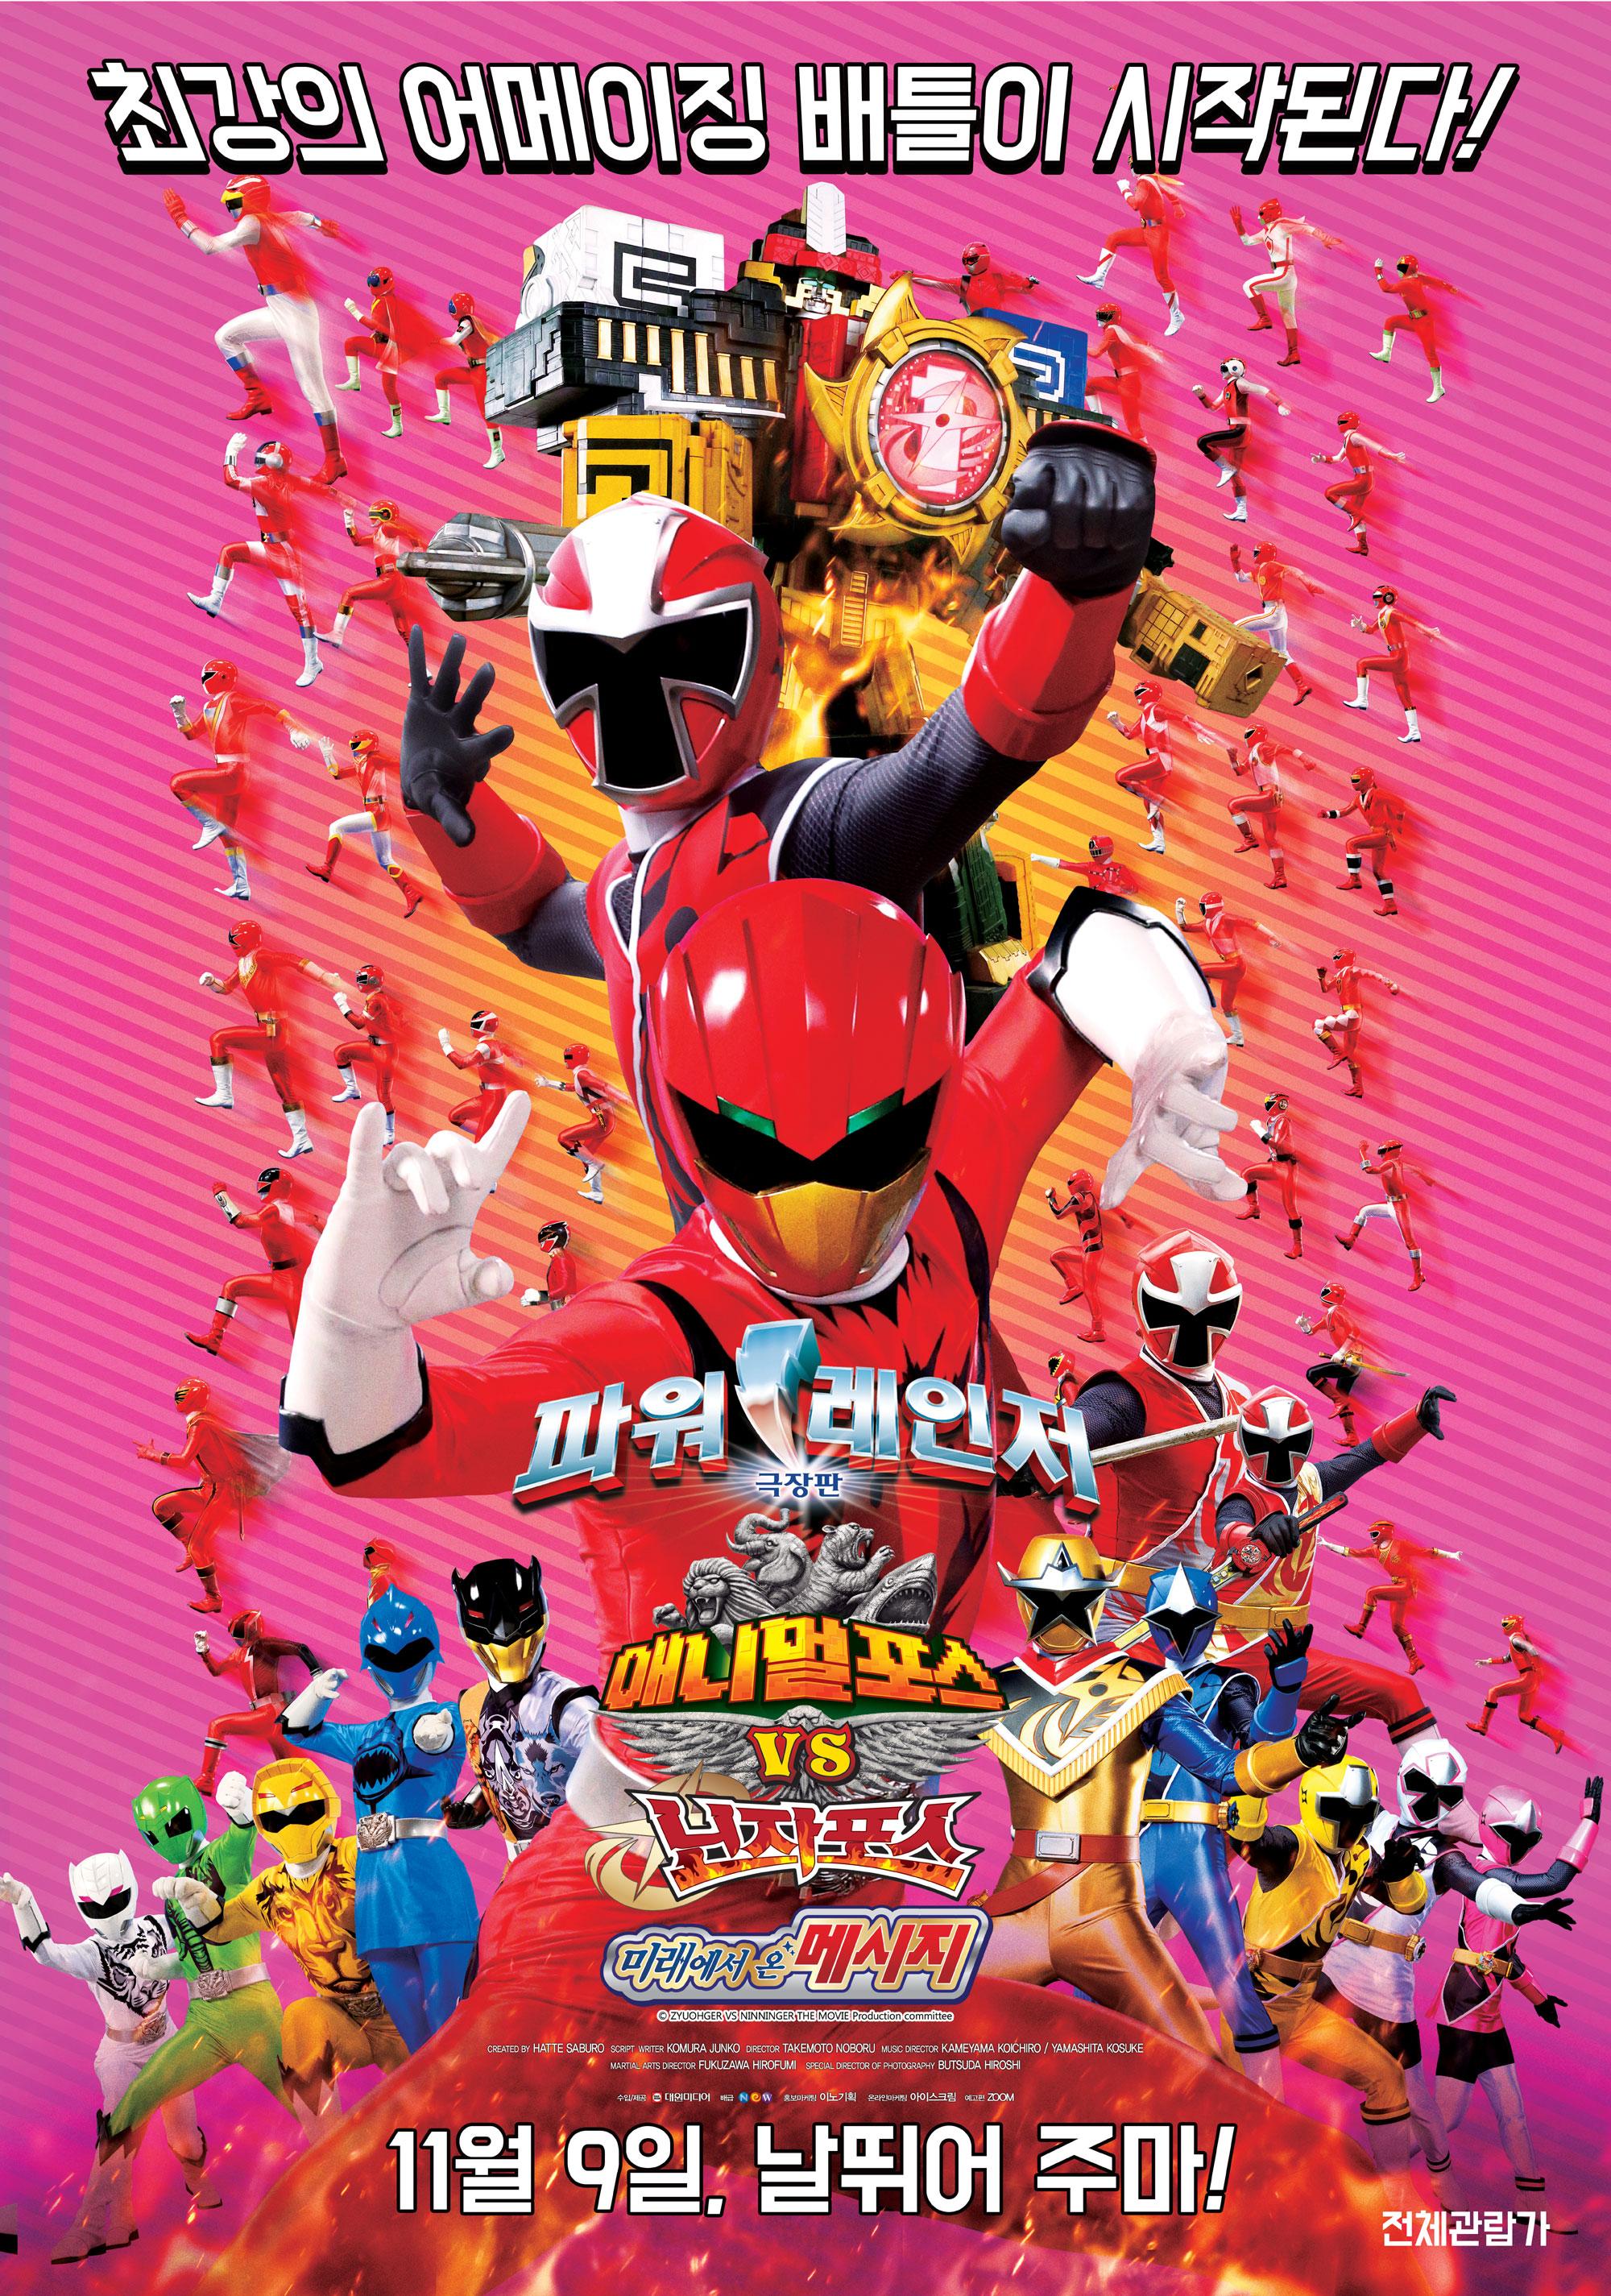 극장판 파워레인저: 애니멀포스 VS 닌자포스 미래에서 온 메시지 포스터